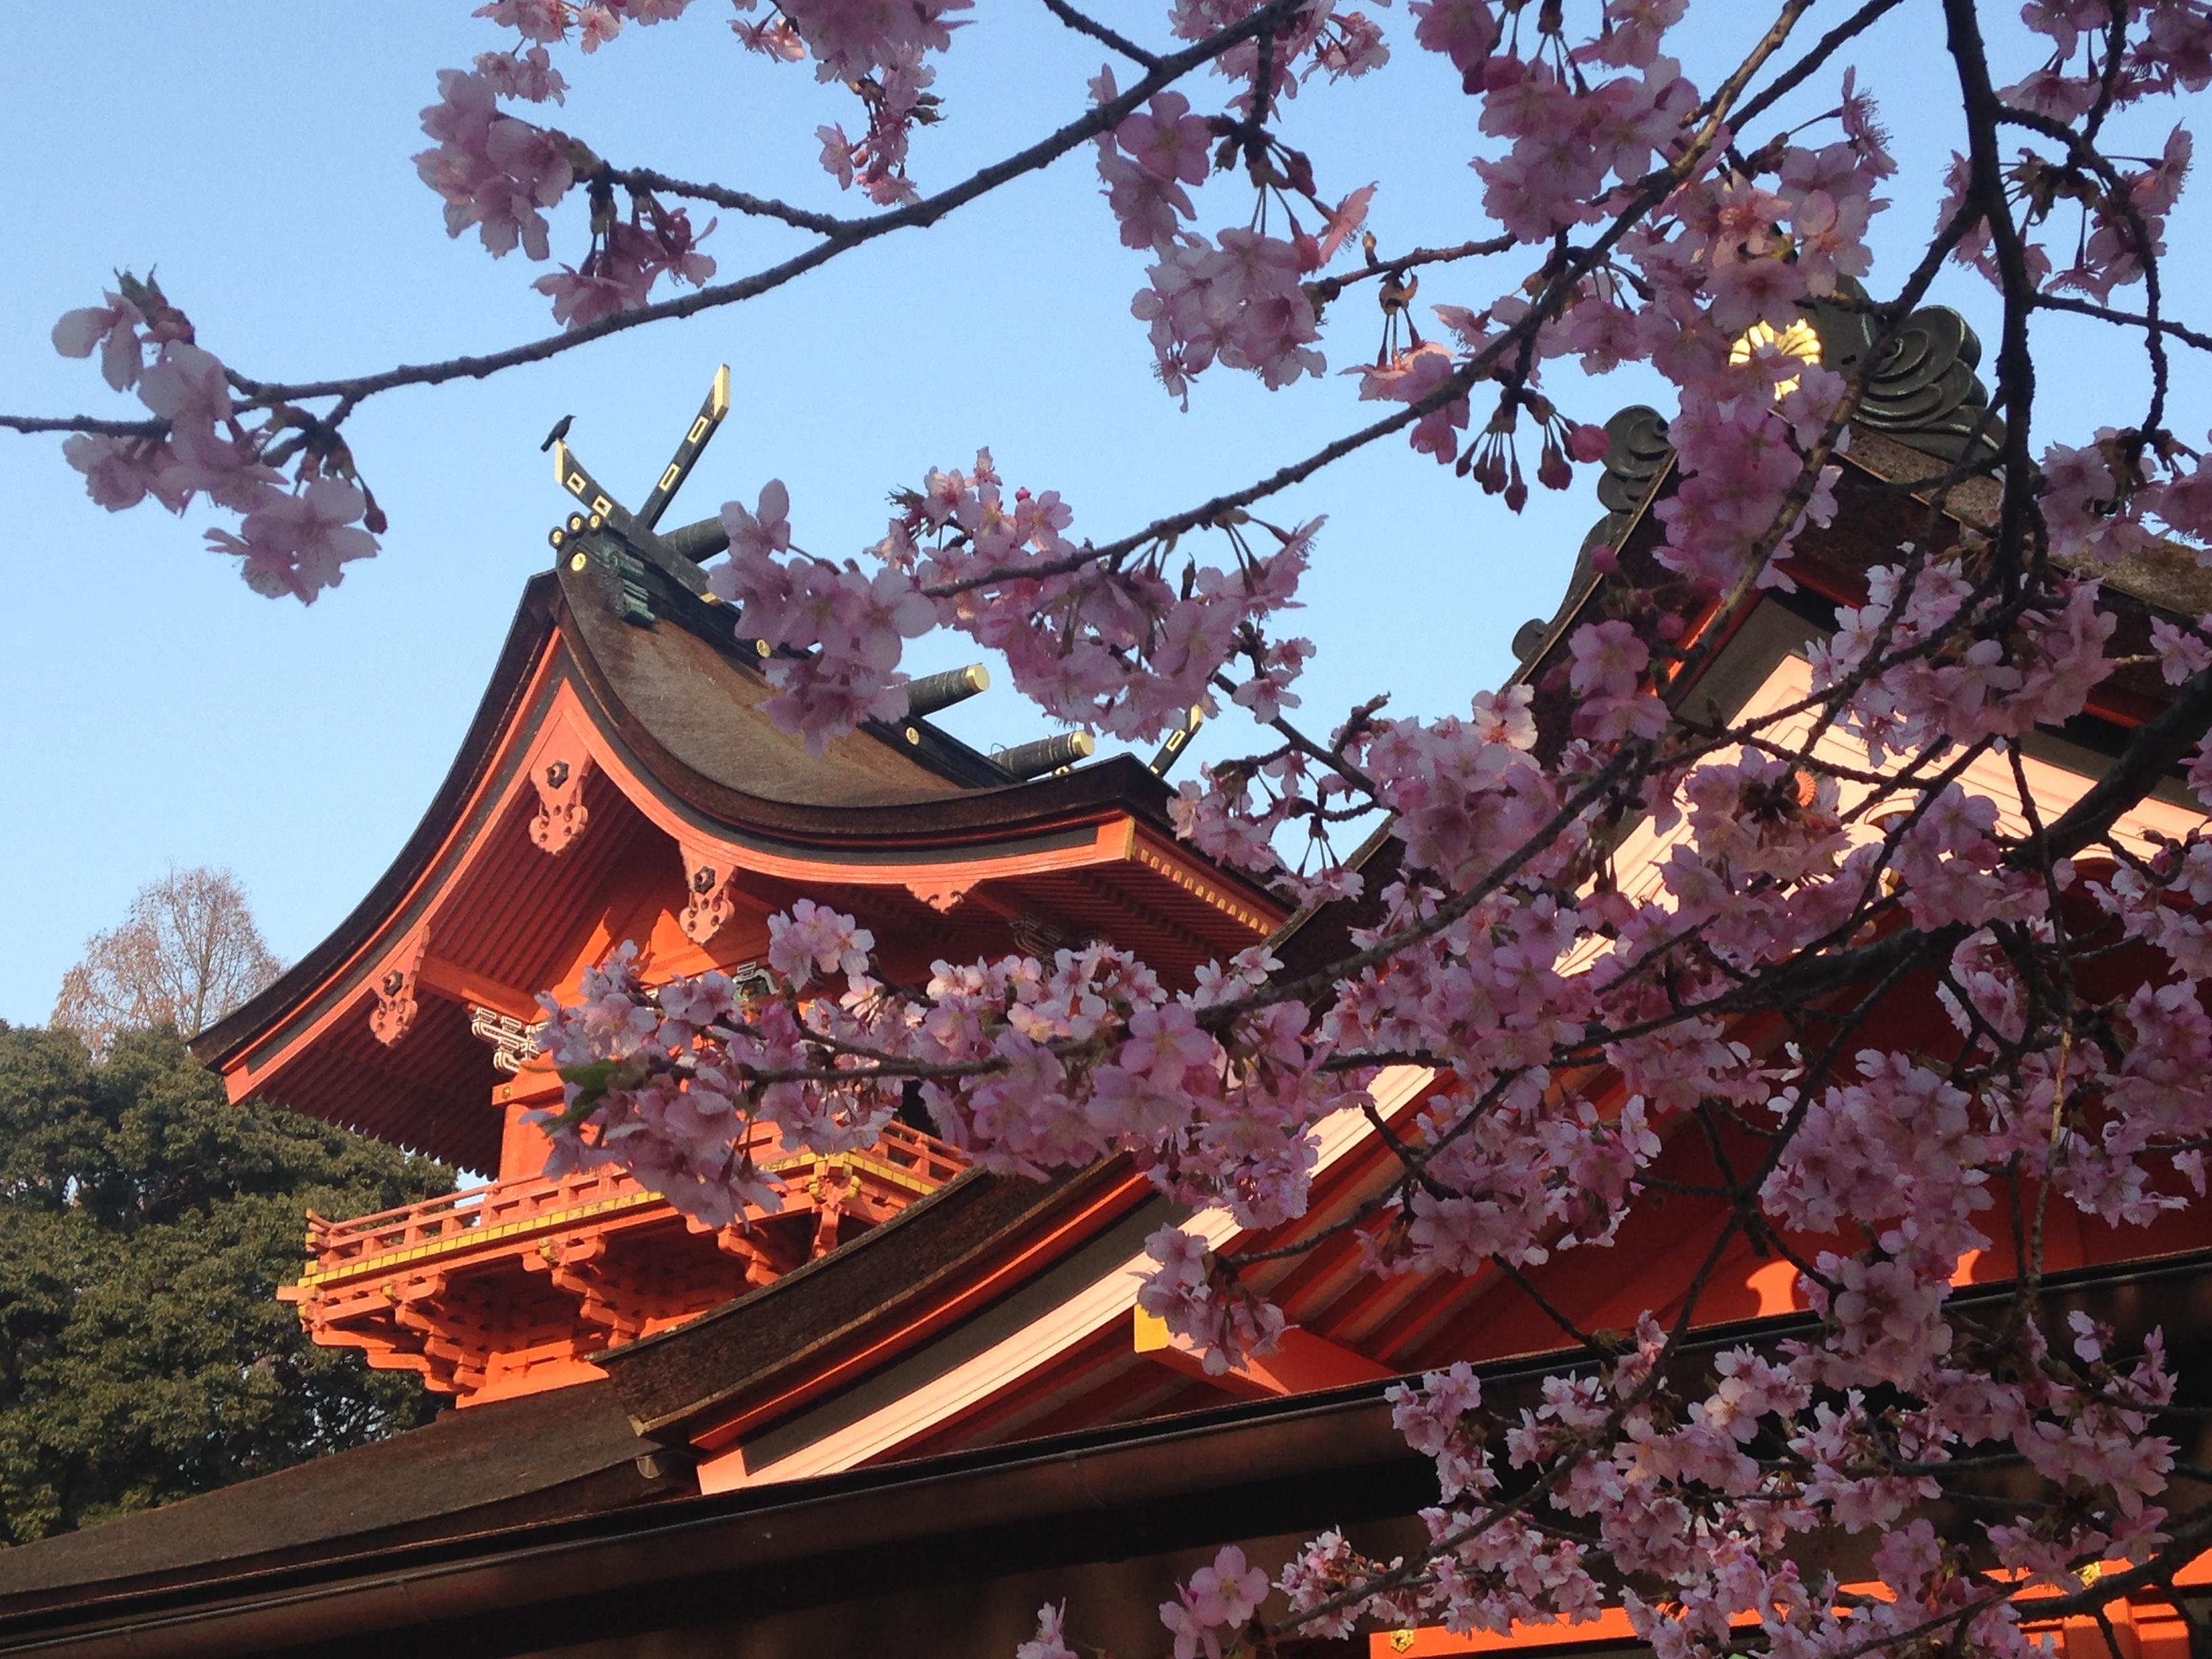 富士山本宮浅間大社は桜の名所でもあります。